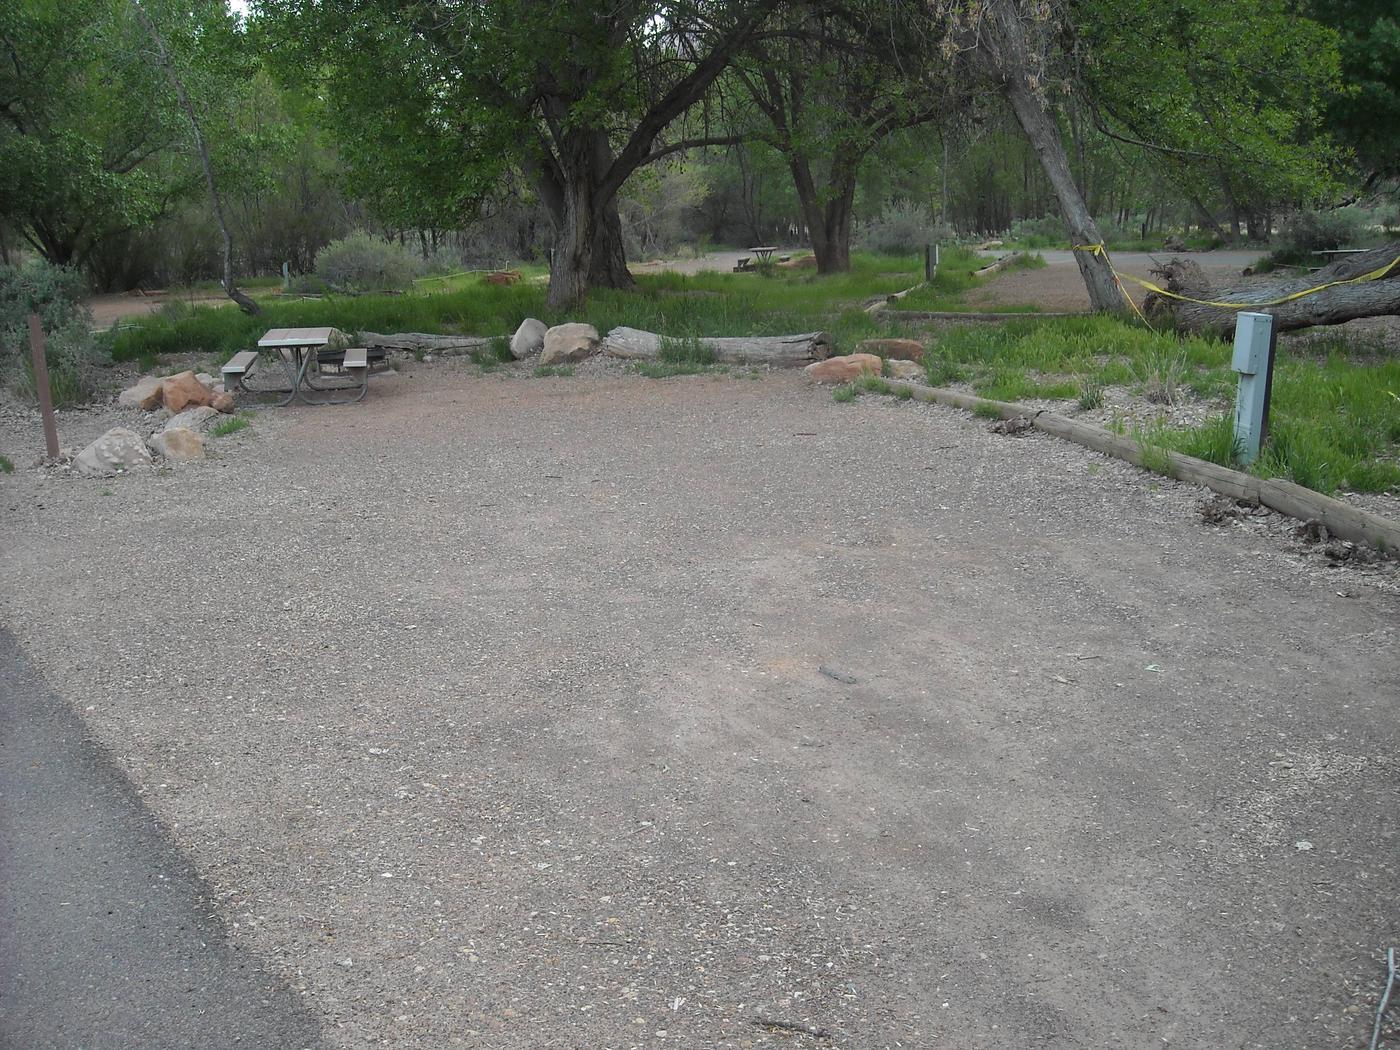 Campsite areaB8